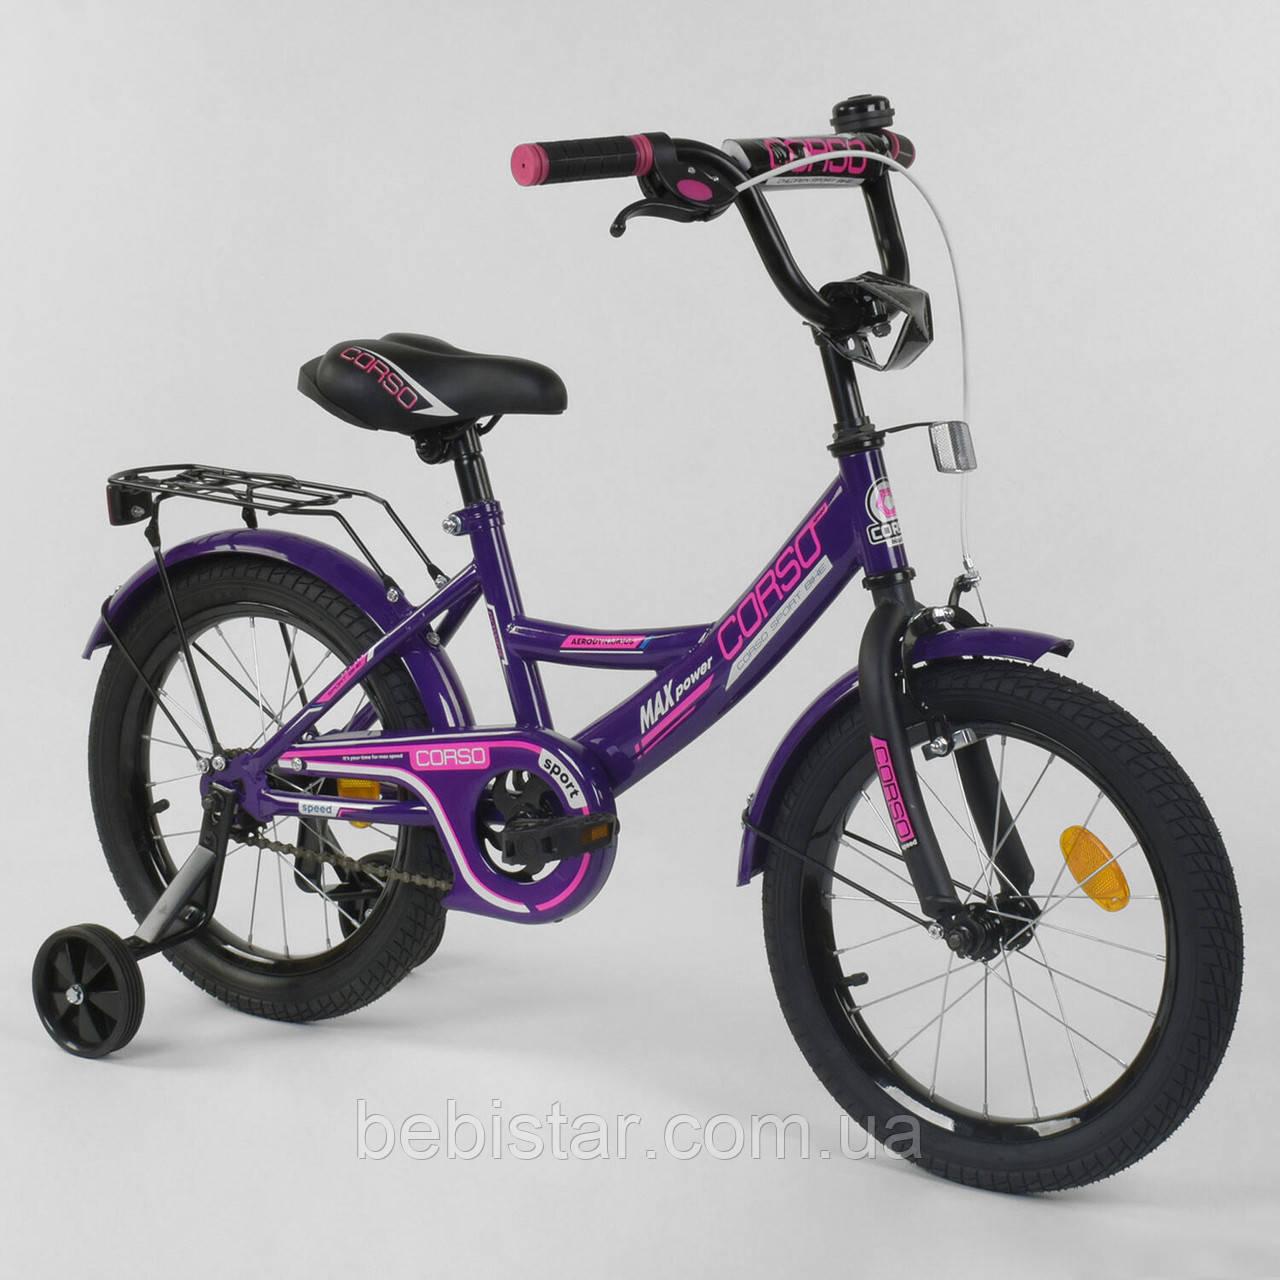 """Двухколесный велосипед фиолетово-розовый с ручным тормозом звоночком багажником Corso 16"""" детям 4-6 лет"""